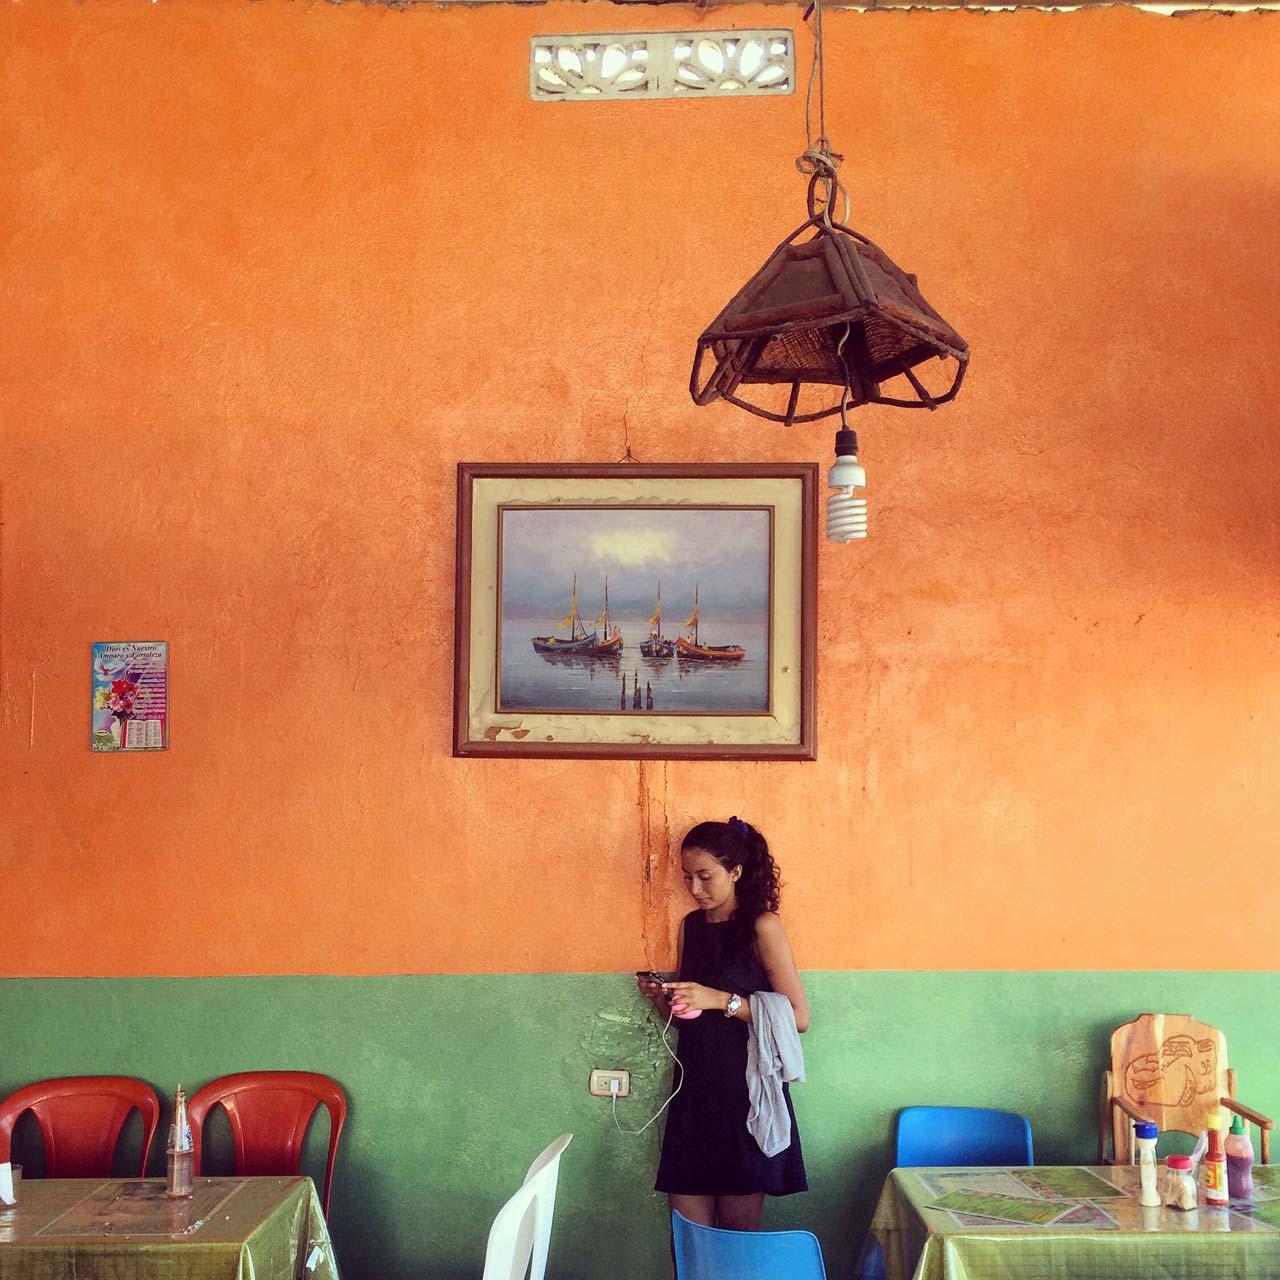 @everydaylatinamerica – Frau beim Aufladen ihres Smartphones in einem Restaurant in Playas, Ecuador, 2017.